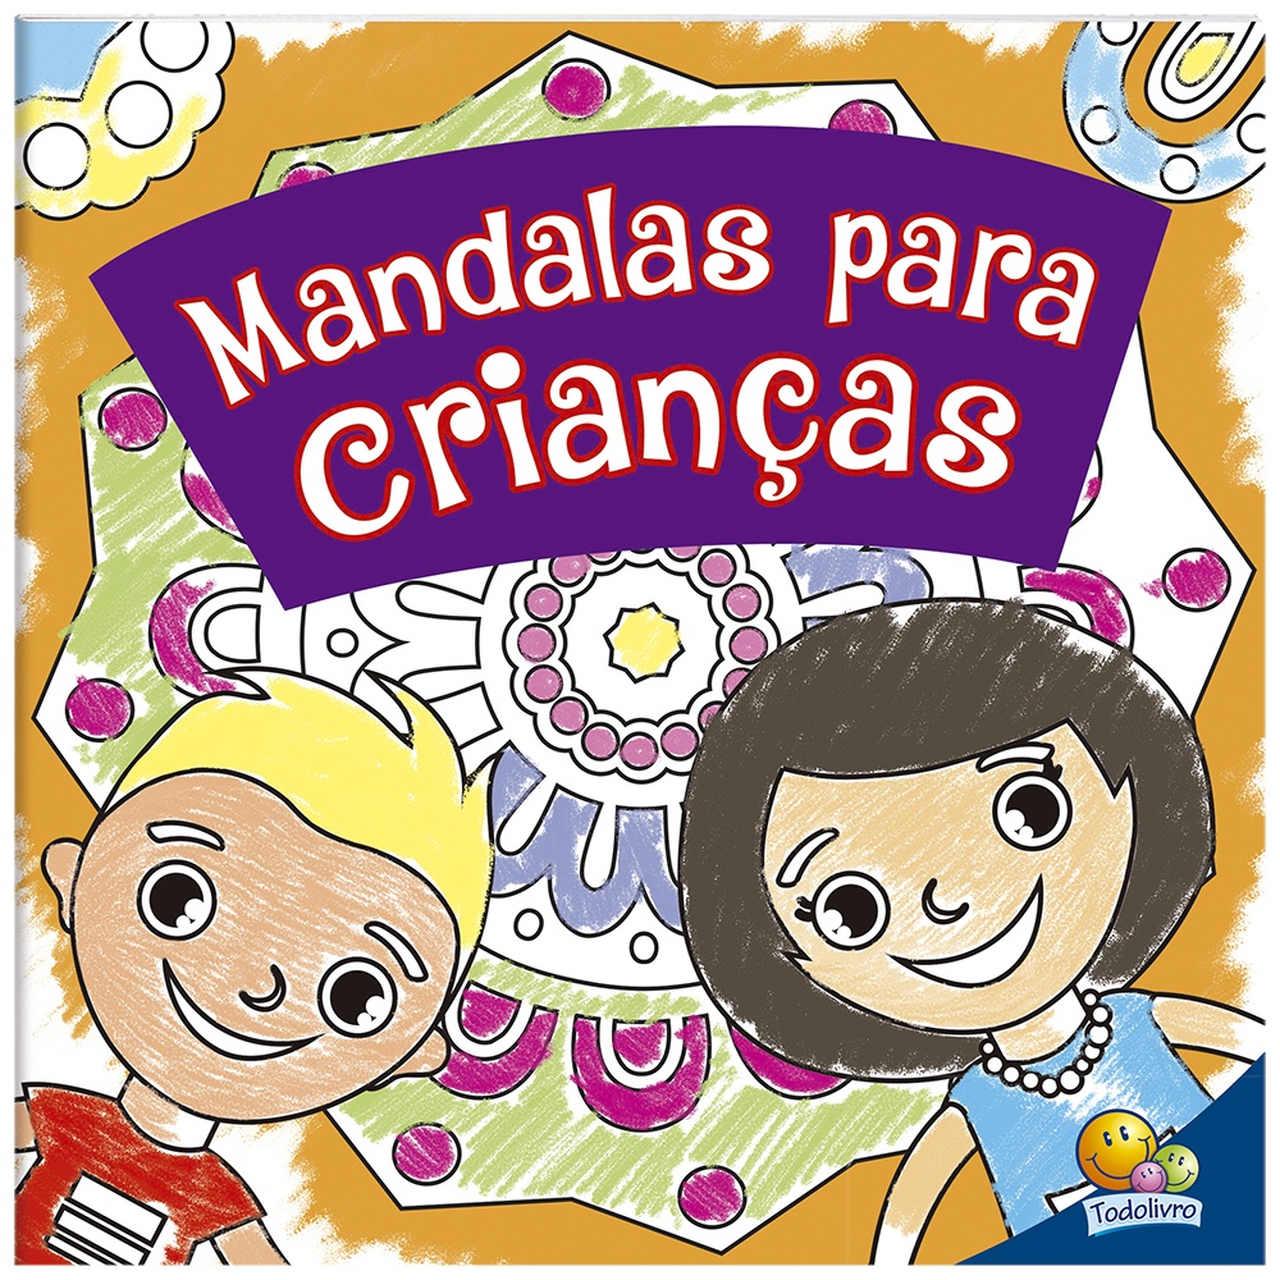 Colorindo Mandalas: Mandalas Para Crianças Todolivro